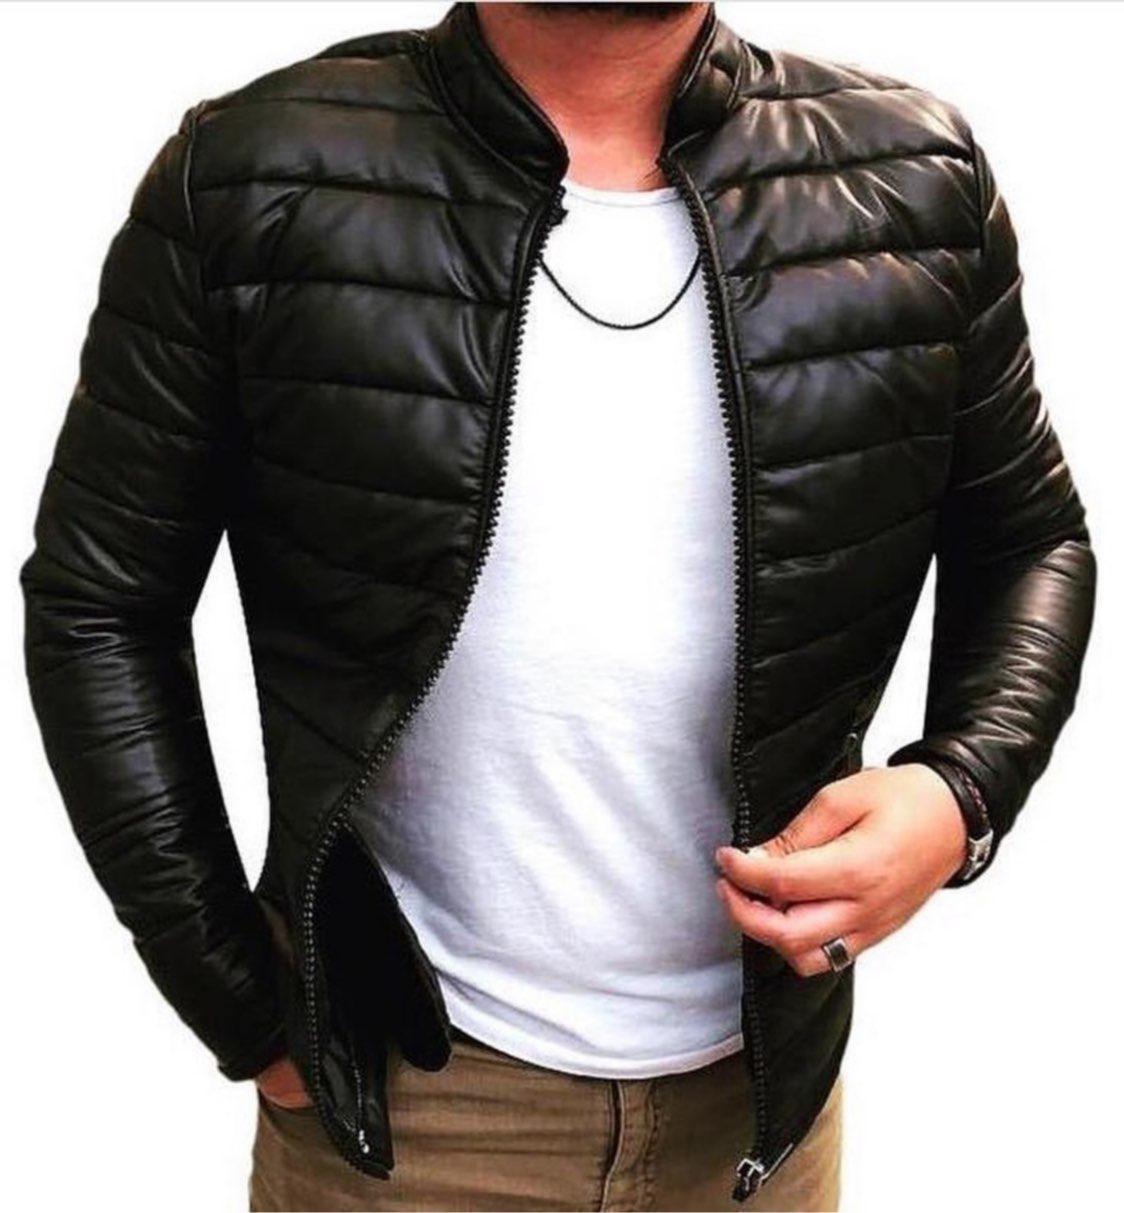 5689f97dc46f3 Мужская весенняя куртка из кожзама черная стеганая - Интернет-магазин обуви  и одежды KedON в